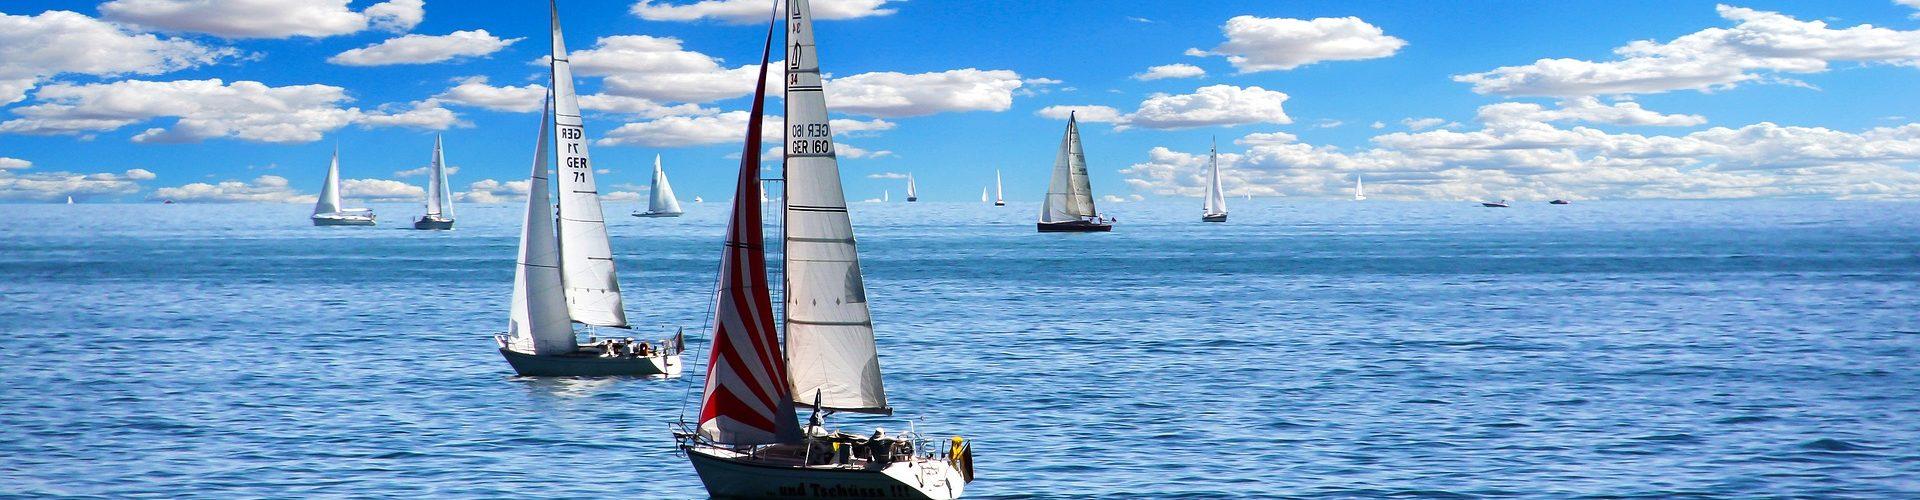 segeln lernen in Winsen Luhe segelschein machen in Winsen Luhe 1920x500 - Segeln lernen in Winsen (Luhe)